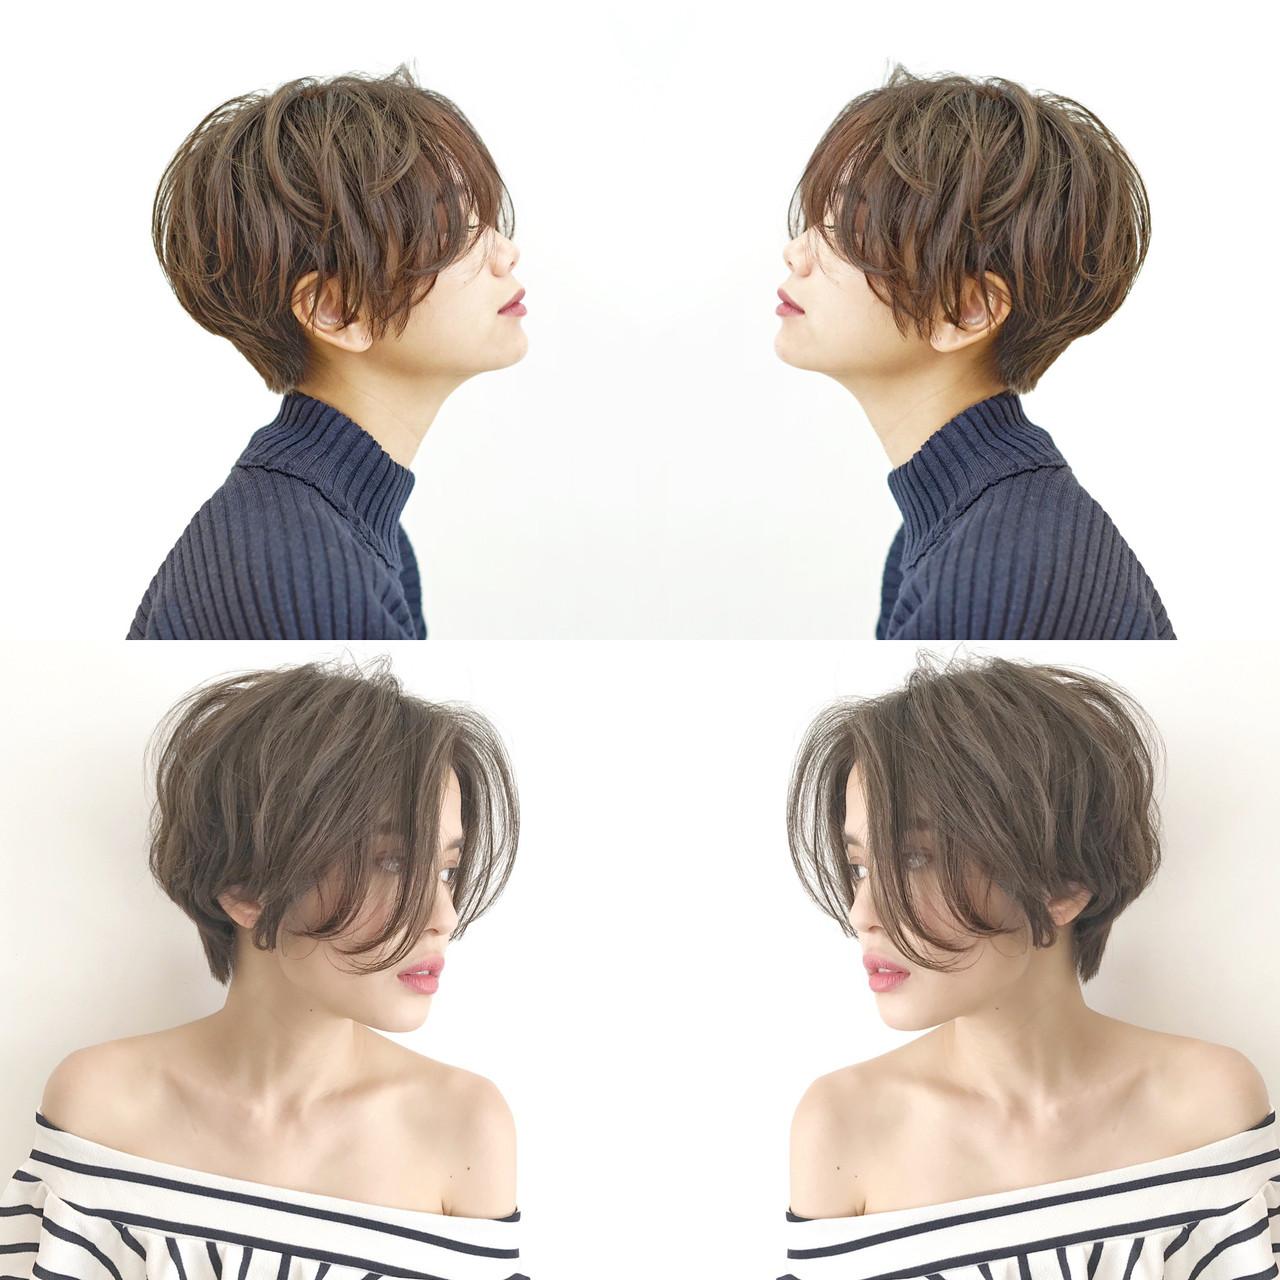 """ショートヘアは『正面』よりも『サイド』からのバランスが見られている⁉️? . . . ヘアスタイルって正面から見た時に似合っているのはもちろんですが、横から見た時の丸みや動きが似合っていると、周りから褒められる事が多いです❗️ . . . 特にショートヘアの場合は、サイドから見た時のバランスが良い事が絶対に大切✂️✨ . . . サイドのバランスで人に与える印象も変わります? . . . . 『✂️ショートヘアのサイドのバランス✂️』 . ①『丸みが高い』 . 最近人気なハンサムショートヘアは丸みが高めな事が多いです❗️ . . . 丸みが高めな事で縦長に見えて、スタイリッシュでカッコいい雰囲気になります⭐️ . . . クールな感じやカッコいい雰囲気が好きな方にオススメです? . . . . ②『丸みが中間』 . 1番シンプルなのが丸みの位置が頭の中間にあるバランスです❗️ . . . 髪の重なりが作りやすく、骨格をカバーしやすいのが特徴? . . . 日本に多い""""絶壁頭""""もカバーしやすく、丸みのある綺麗なシルエットになります?♀️ . . . . ③『丸みが低め』 . 女性らしいショートヘアにしたい方は""""丸み低め""""がオススメです❗️ . . . ボブよりはスッキリしつつも、ショートヘアよりは長めのバランスになります⭐️ . . . ショートボブと呼ばれる事が多く、""""ボブには飽きたけど、ショートにするのは不安!""""という方から人気が高いです? . . . . ✅ショートヘアで失敗したくない. ✅スタイリングを簡単にしたい(まとまり良く、広がりにくい). ✅女性らしいショートヘアにしたい. ✅骨格をカバーしたい(絶壁、ハチ張り). ✅360度どこから見ても綺麗なシルエットが良い. ✅似合うショートヘアがわからない. ✅他のサロンでショートヘア失敗された. . 等という方は 『 #美容師ナカイヒロキ にお任せ下さい❗️』 . . . 『9割以上のお客様がショートヘア✂️』 . 僕の担当しているお客様の9割以上がショートヘア〜ボブスタイル? . . . 特に20〜30代の女性のお客様が多いです? . . . 初めてショートヘアにする方などは『絶対に失敗出来ないから!』と言って、わざわざ遠くから武蔵小杉まで来て頂く事も多いです? . . . 最近はインスタを、見てご来店される方がとても増えてます❗️ . . . そんな状況を本当に嬉しく思っていて、期待に応えられる様に1人ひとりと真剣に向き合ってカットしてます✂️ . . . 僕の作ったショートヘアはこちらをご覧下さい 【 #中井ショート 】 . . . . 【美容師歴7年】. . 同世代では1番早い、1年8ヶ月でスタイリストデビュー後、ショートヘアに特化してきました✂️ . . . ショートヘアに拘りを持ち続けた結果、新規指名数&ショートヘアのオーダー率は全店No.1❗️ . . . 360度どこから見ても、丸みのある綺麗なショートヘアが得意です✨ . . . ショートヘアは正面だけではなく、サイドや後ろ姿も大切だと思います❗️ . . . . 『✂️実績✂️』 . 『TOKYO BEAUTY CONGRESS 2015』 審査員賞. 『TOKYO BEAUTY CONGRESS 2015』 ジャーナル賞. 『TOKYO BEAUTY CONGRESS 2016』準グランプリ. 『TOKYO BEAUTY CONGRESS 2016』 審査員賞. 『HAIR COLOR LIVE CONTEST 2017』 優秀賞. 『 hoyu×ar カラコレ'16 ar賞』. 『 hoyu×ar カラコレ'17 いいね賞』 . その他、社内外で多数受賞❗️ . . . サロンでお客様の髪をカットしているのが1番好きですが、全国の美容師同士がテクニックやデザインを競い合うヘアコンテストもワクワクするので好きです? . . . コンテストで競い合った、テクニックや拘りが今の自分のベースになってます❗️ . . . . 『✨ご予約方法はこちら✨』. . 『?WEB予約の場合?』. プロフィールのURLから24時間好きな時にWEB予約が出来ます?. . ホットペッパー等には掲載していないので、WEB予約は公式HPからのみ可能です? . . . 『☎️電話予約の場合☎️』. プロフィール欄の""""電話する""""ボタンを押して頂くか、☎︎044-863-9808までお願い致します✨ . 予約専門のレセプションがご対応させて頂きます?♀️ ※WEB予約が埋まっている場合でも、電話をして頂ければ予約が取れる事があります。 . . . カット6600円. . カラー(一色染め)9100円〜. . カラー(ハイライト)61"""